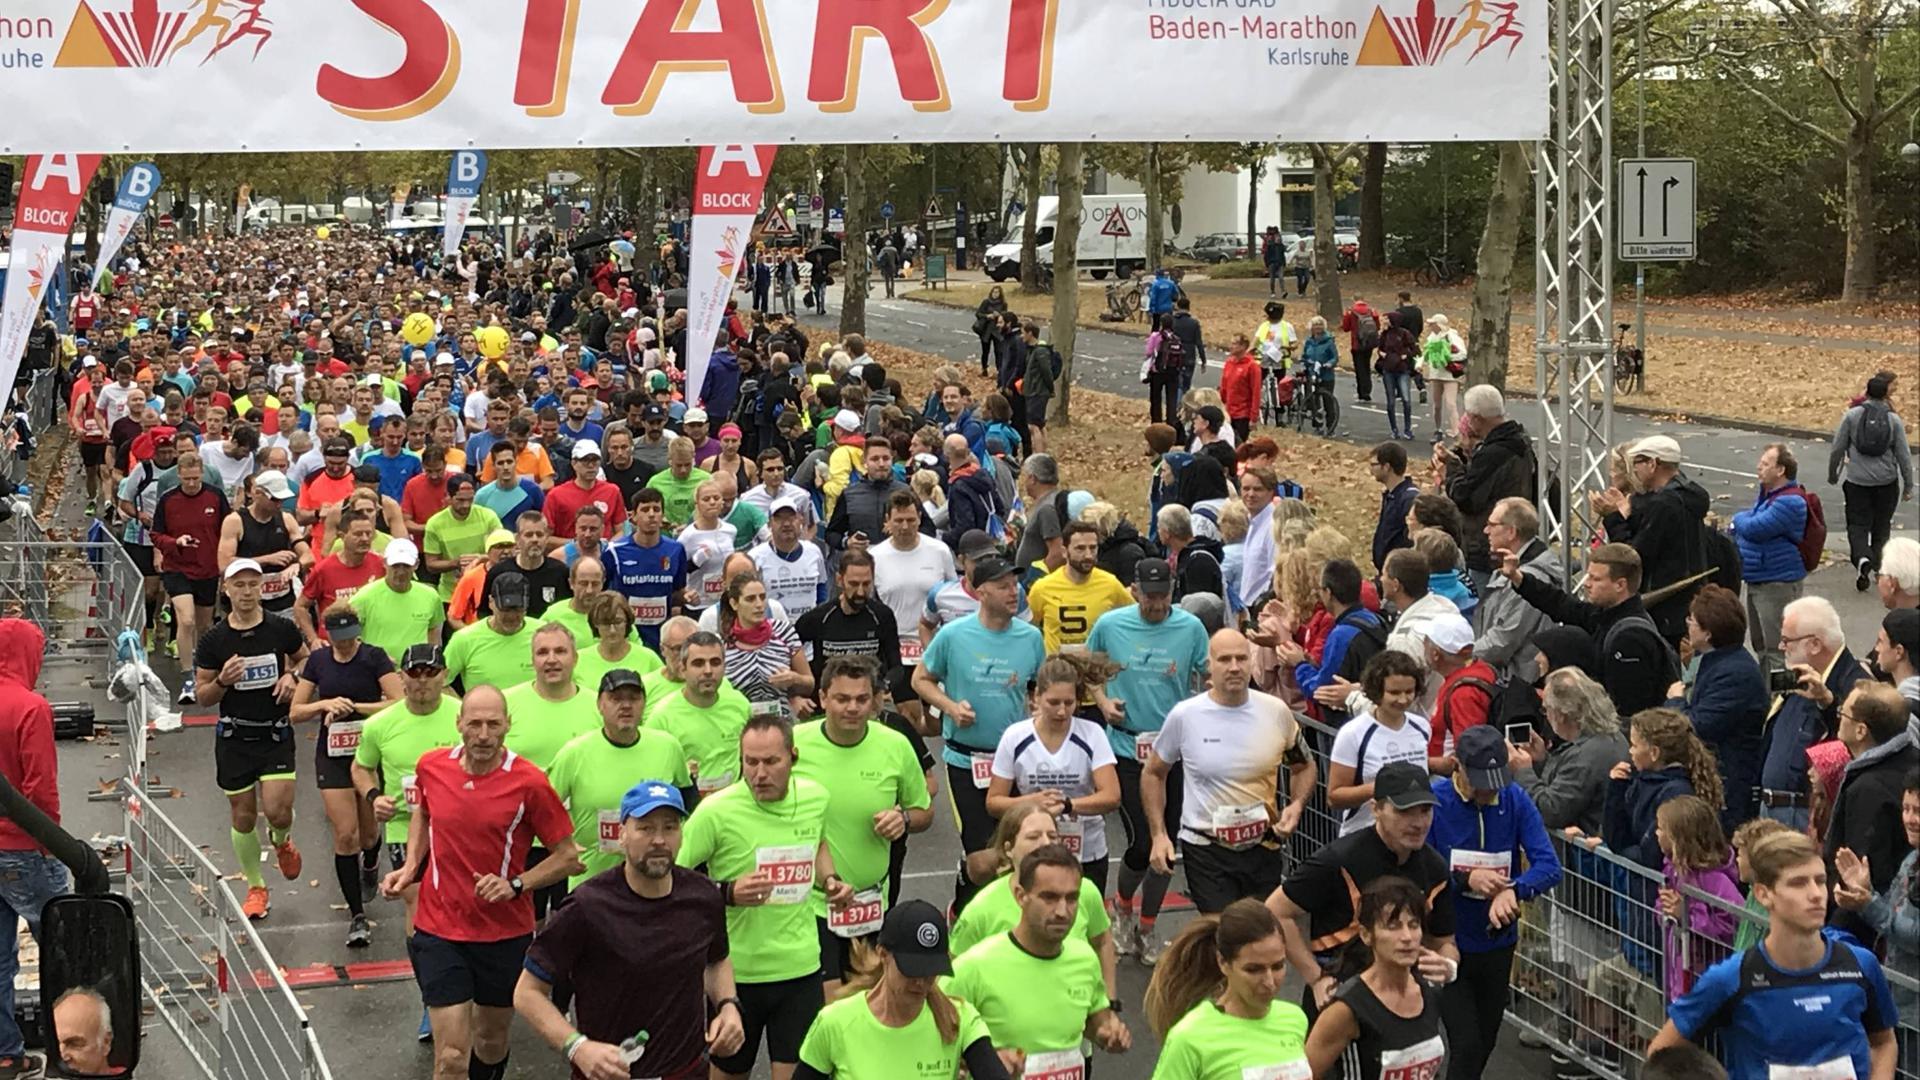 Beim Baden-Marathon starteten 2018 in Karlsruhe tausende Läufer.